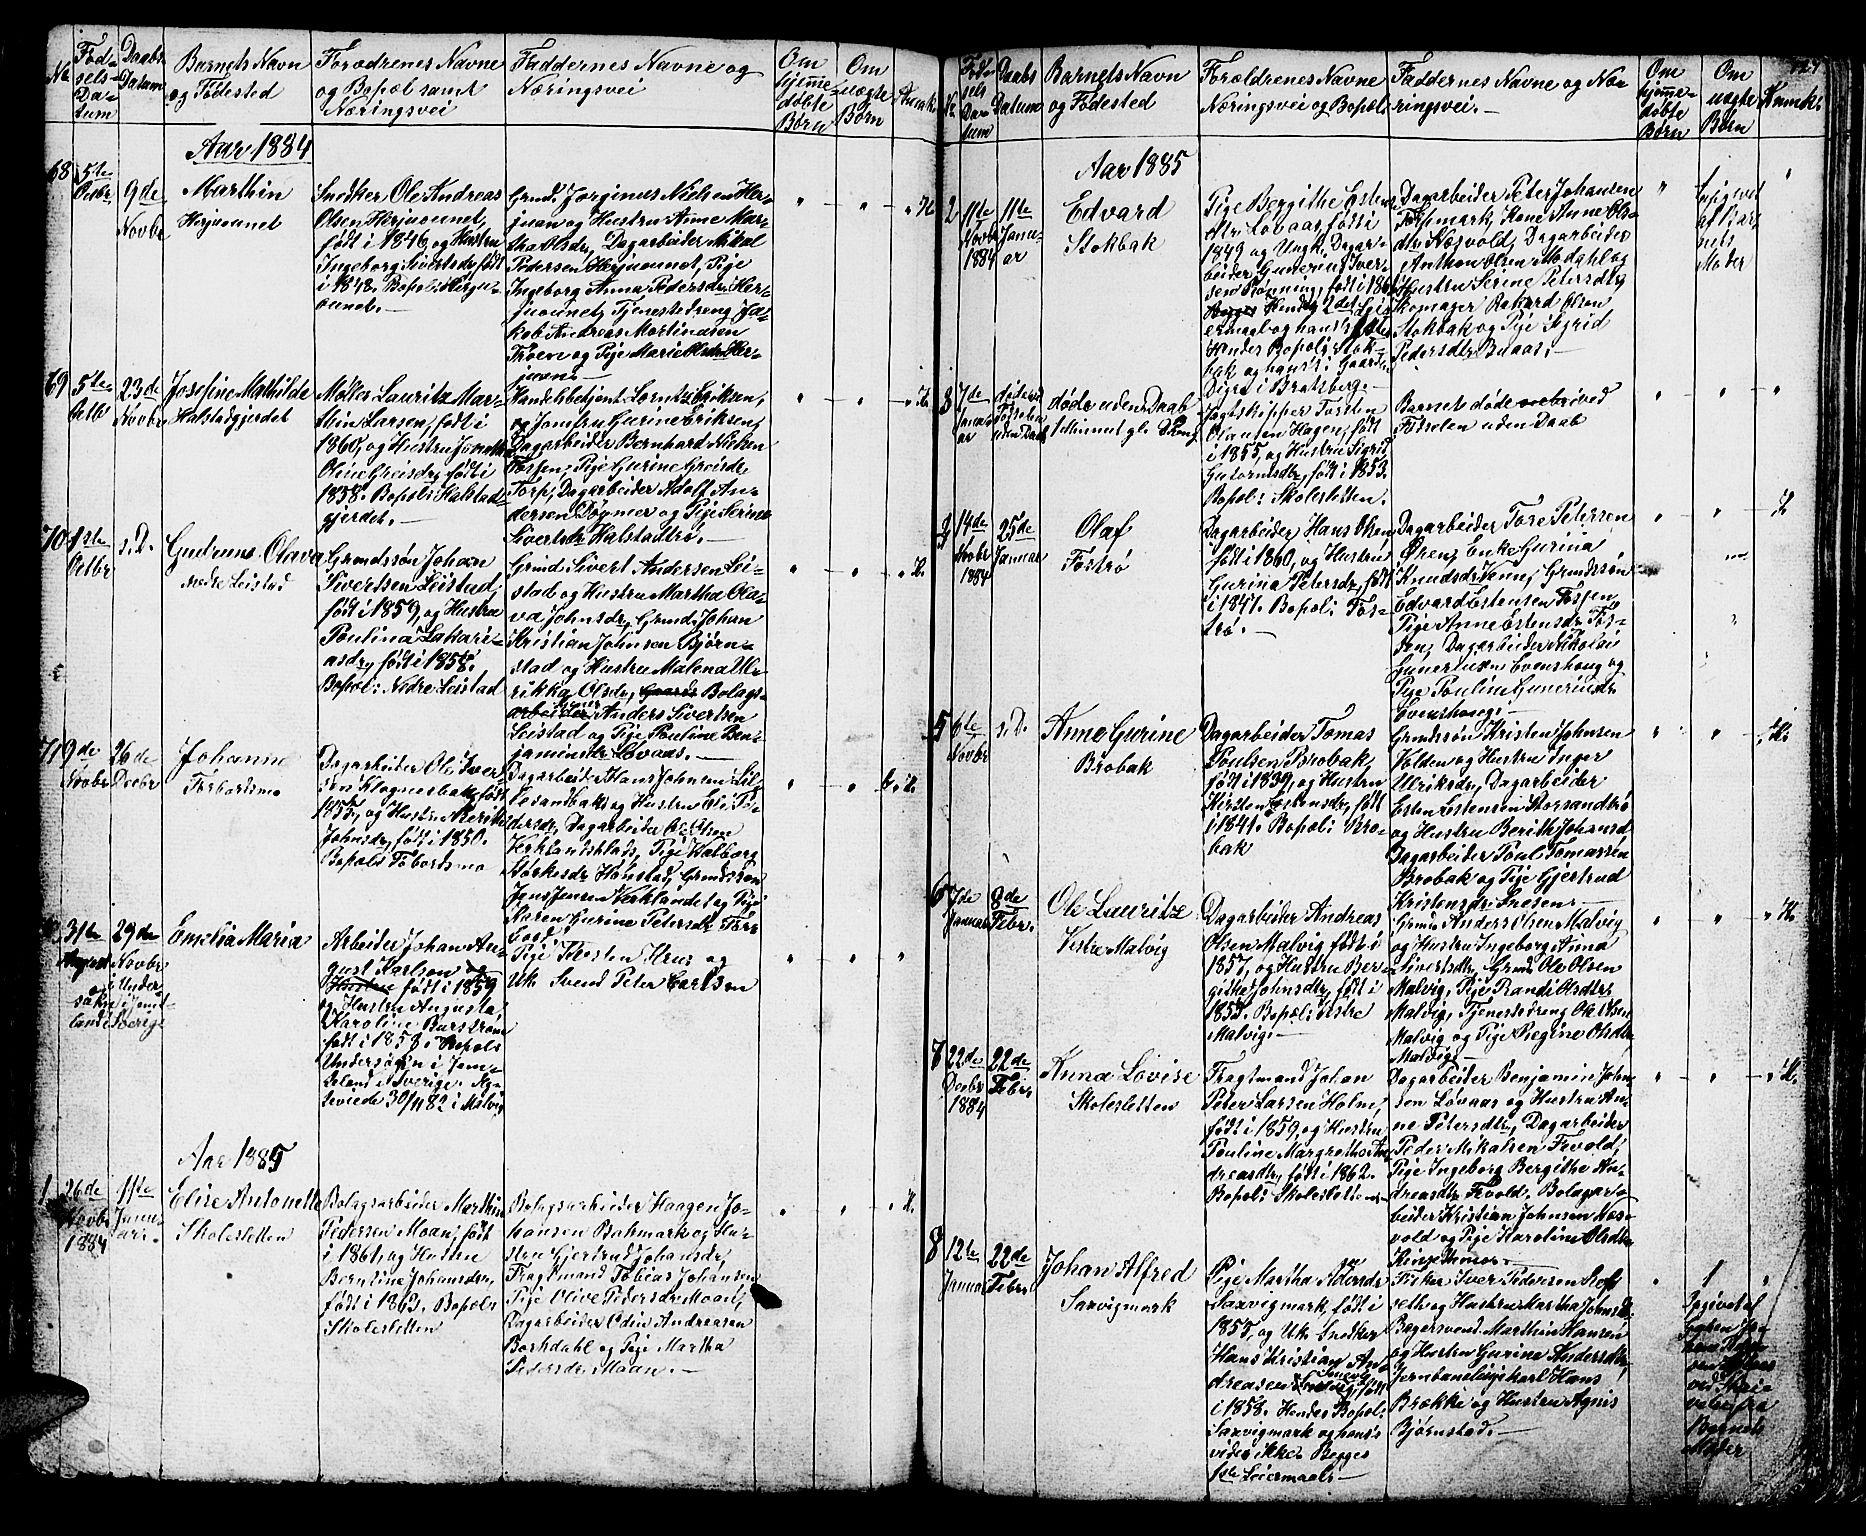 SAT, Ministerialprotokoller, klokkerbøker og fødselsregistre - Sør-Trøndelag, 616/L0422: Klokkerbok nr. 616C05, 1850-1888, s. 127